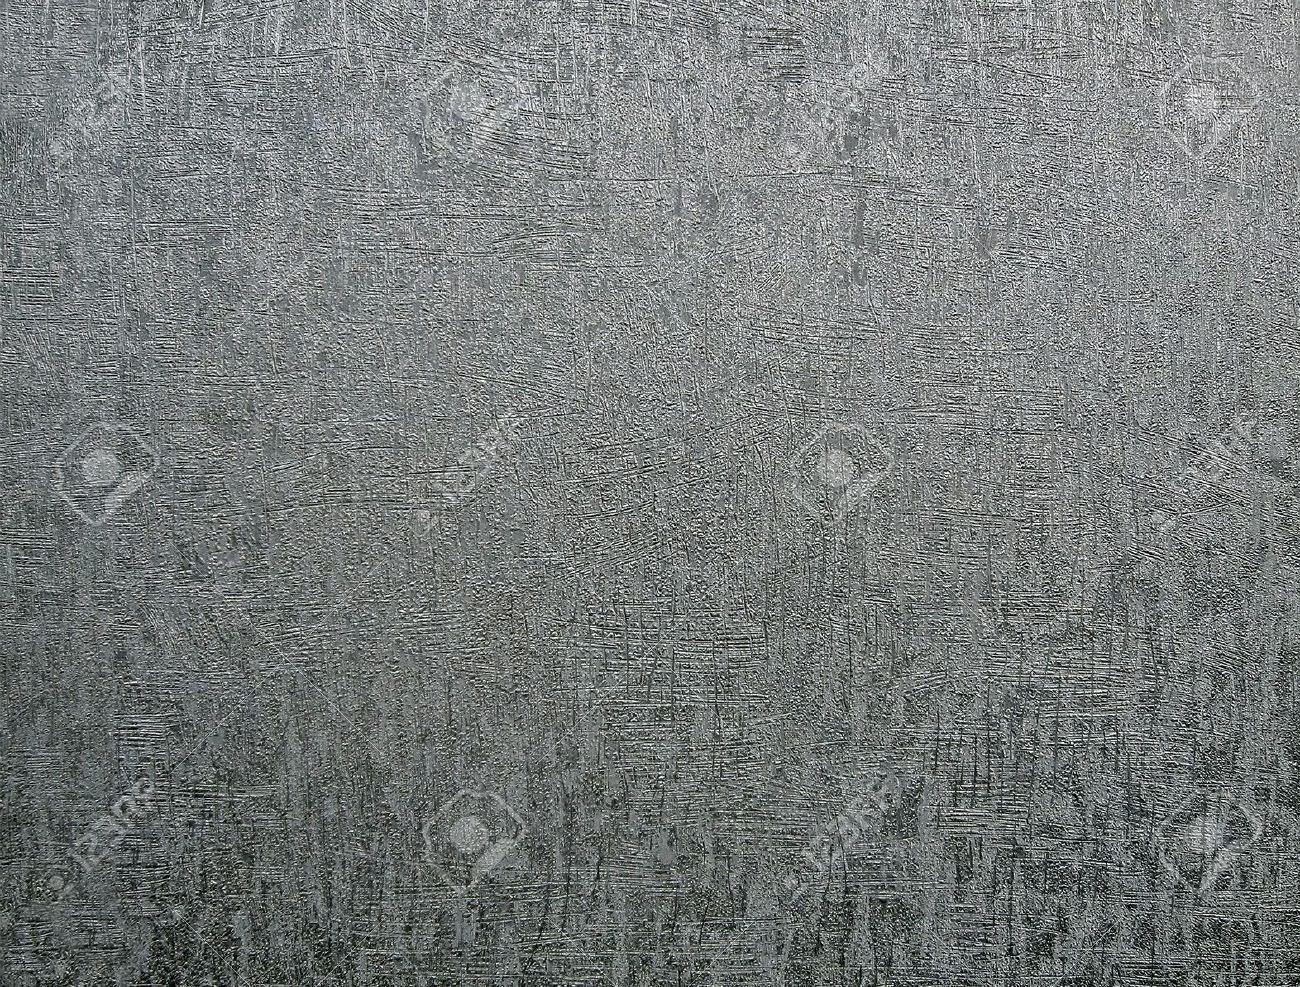 Rough Silver Texture